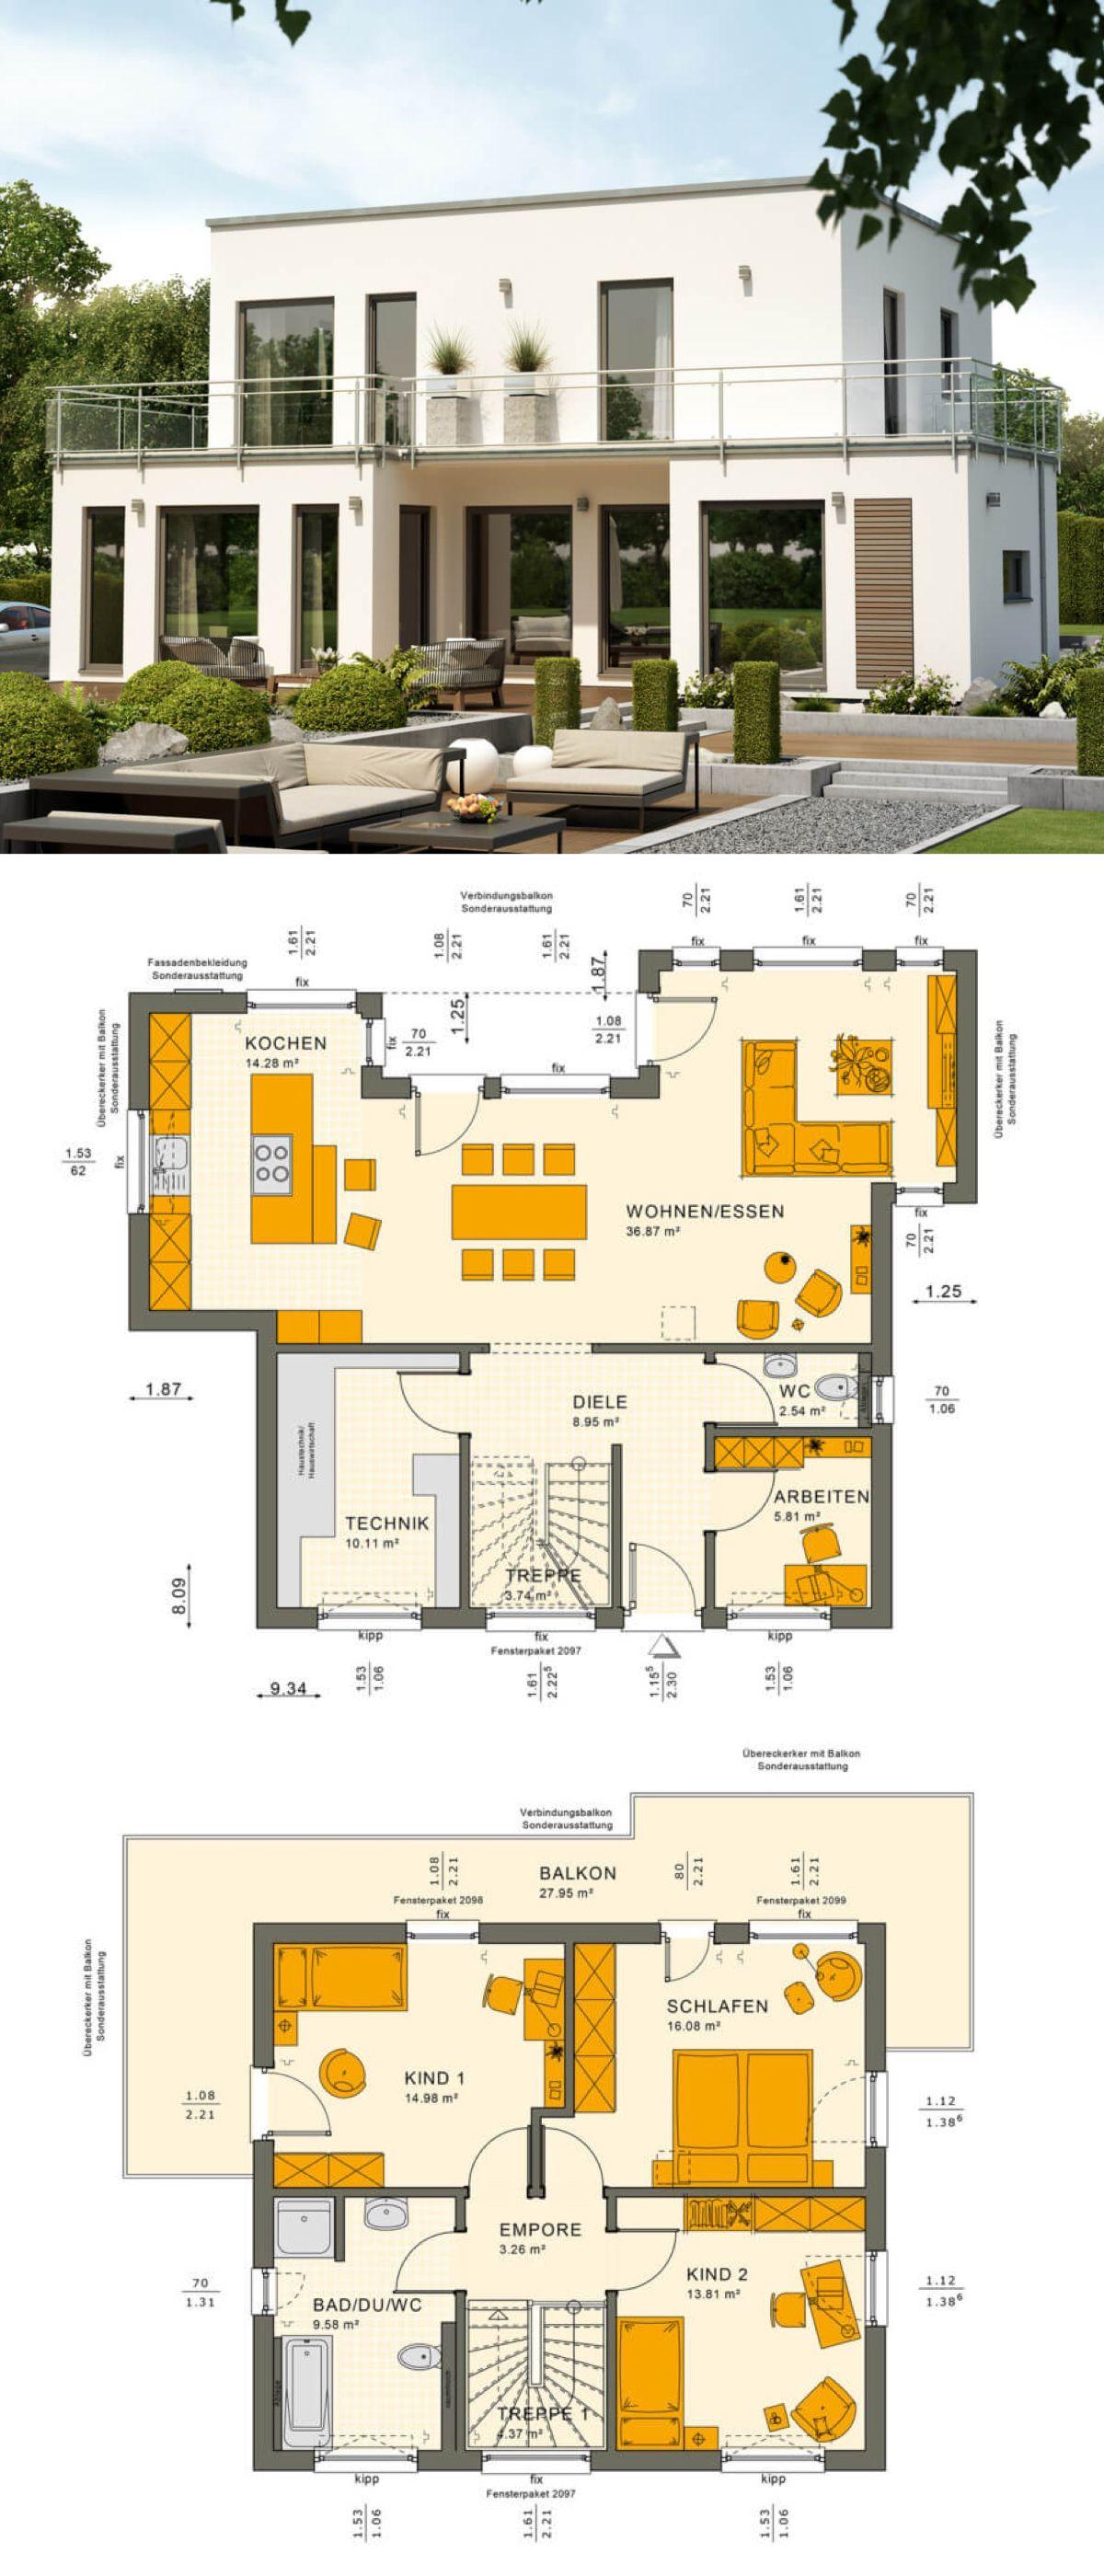 bauhaus stadtvilla modern neubau mit flachdach architektur im bauhausstil einfamilienhaus. Black Bedroom Furniture Sets. Home Design Ideas